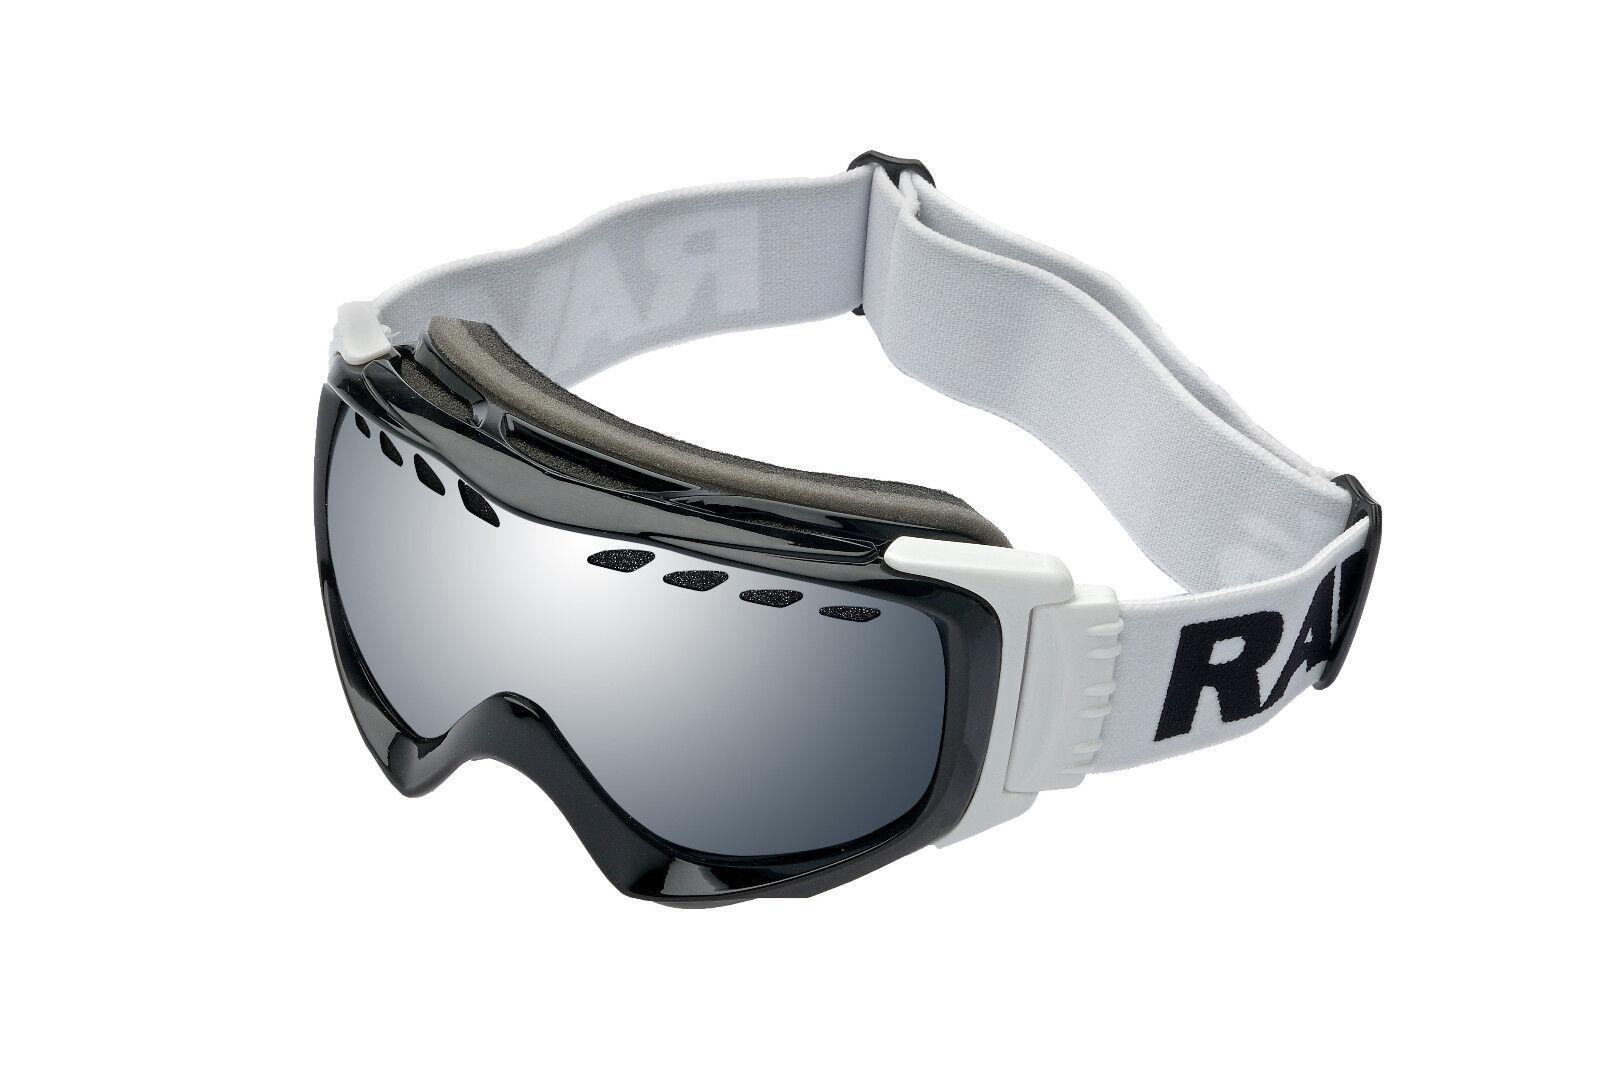 Ravs Ski Goggles Snowboard Predective Boots -testurteil   Very Good